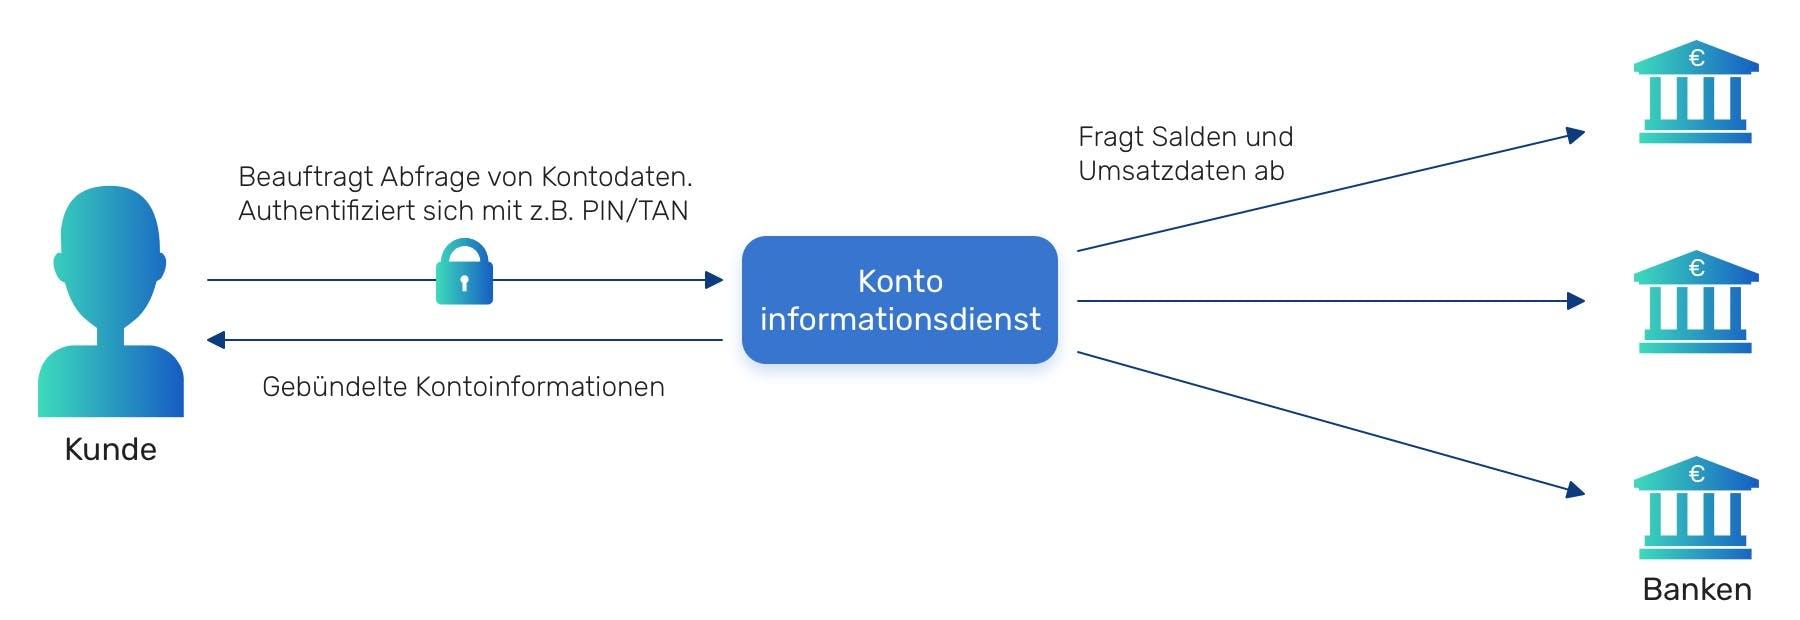 Funktionsweise eines Kontoinformationsdienstes (KID)